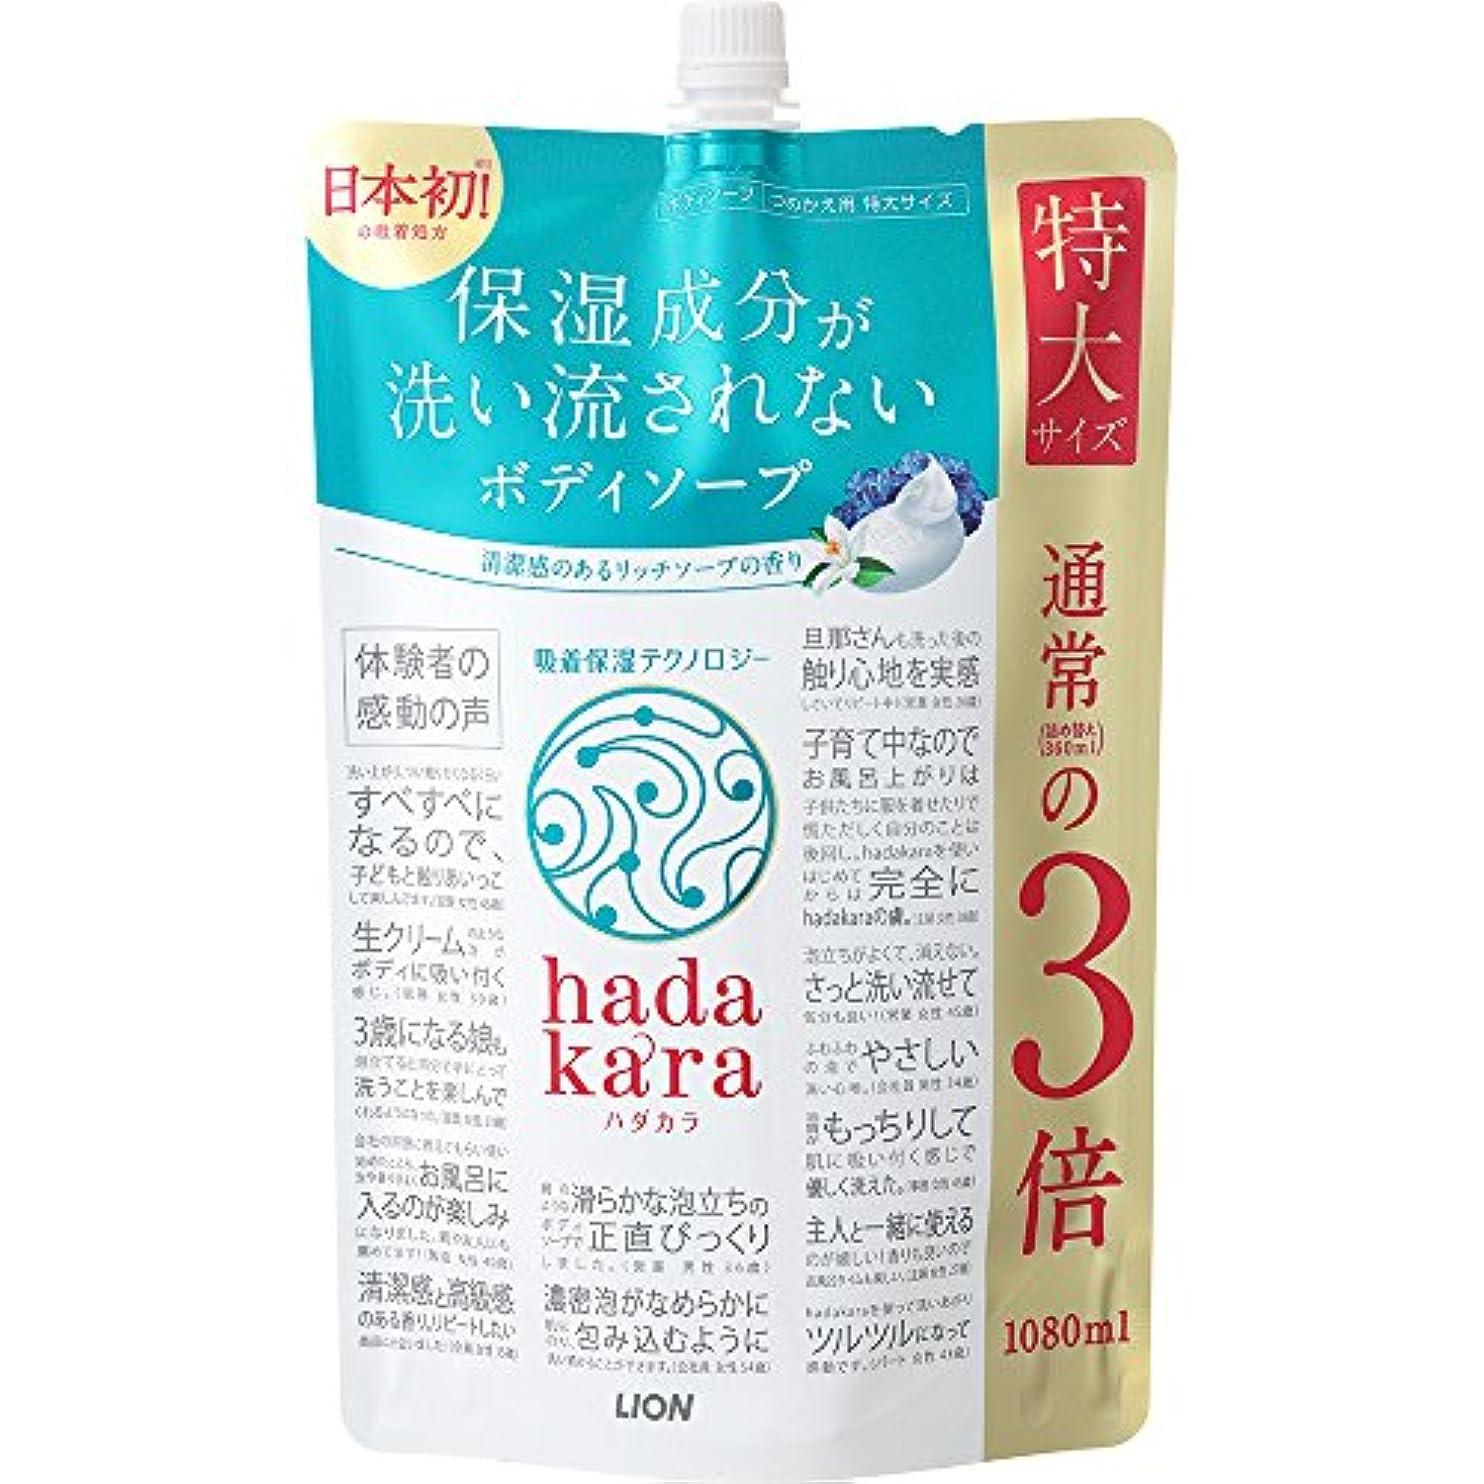 順応性再現する密接に【大容量】hadakara(ハダカラ) ボディソープ リッチソープの香り 詰め替え 特大 1080ml